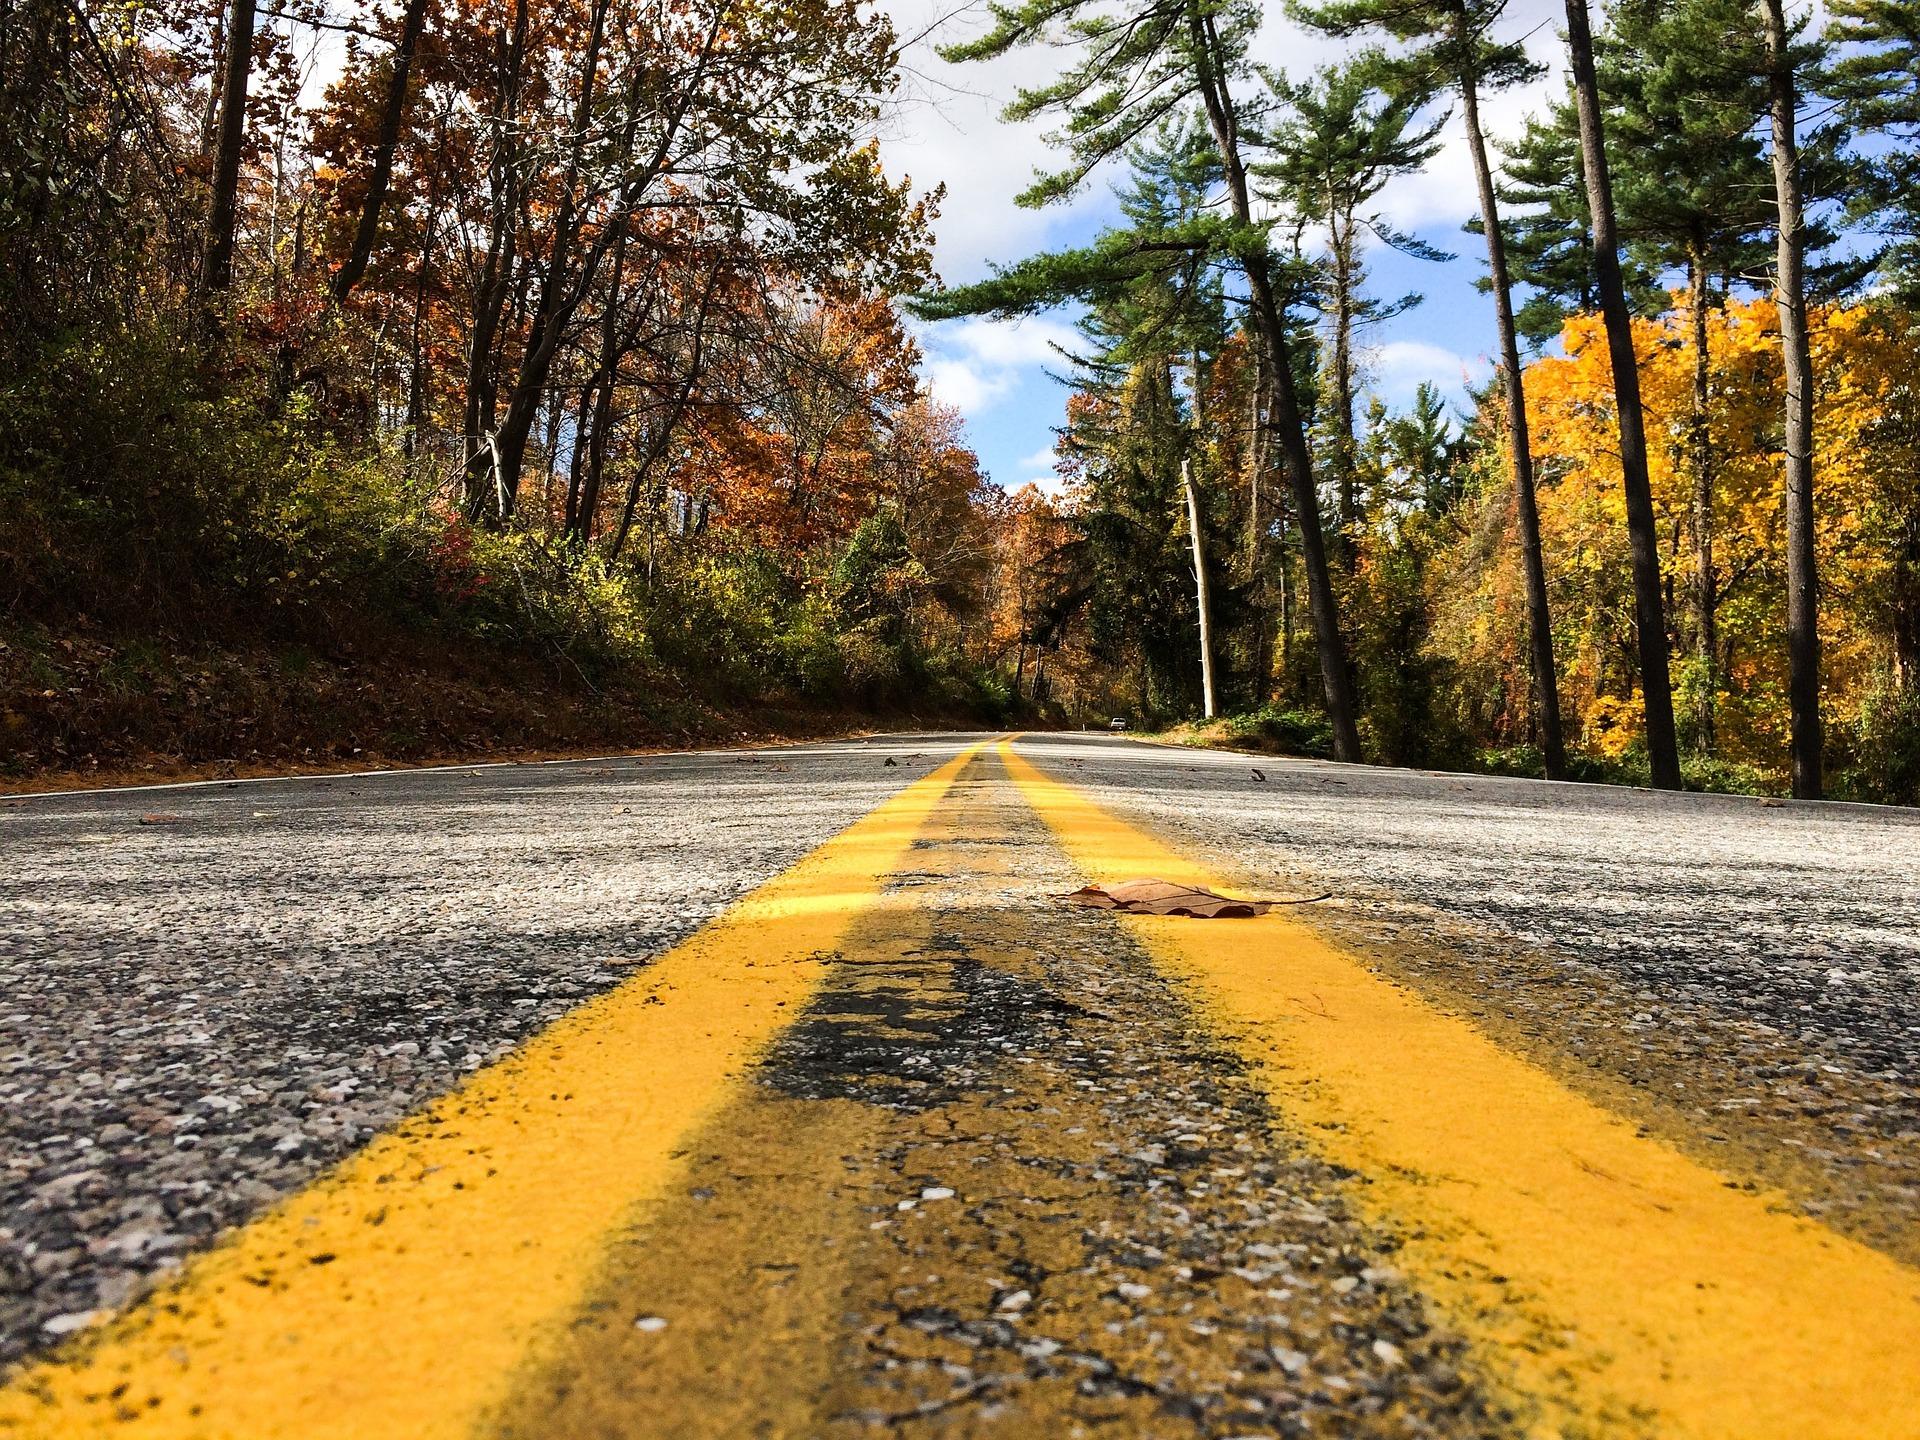 road-1030878_1920.jpg